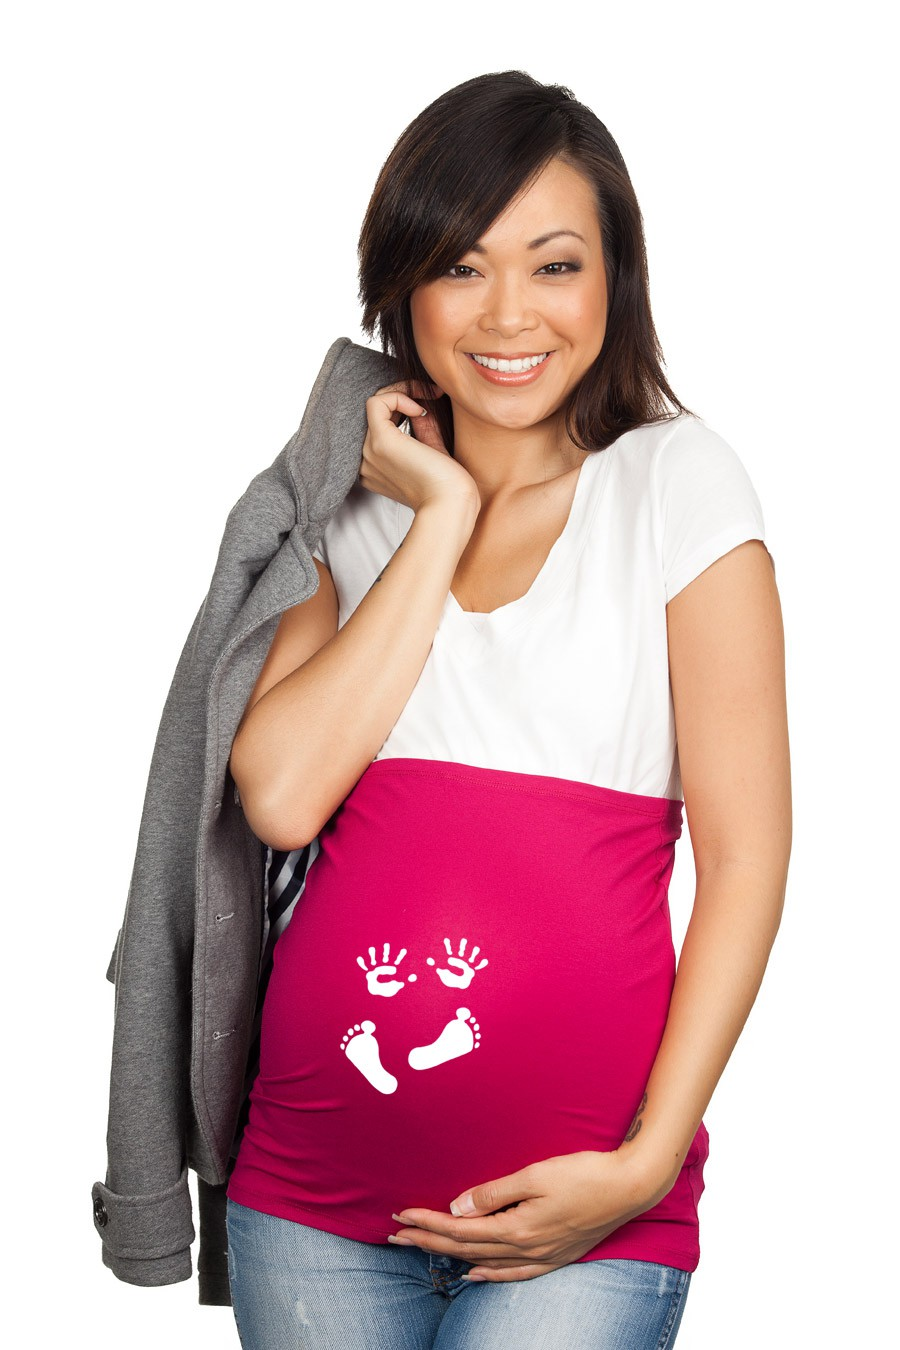 riche et magnifique choisir l'original artisanat exquis bandeau de grossesse - Mains et pieds - Ti'marmay Nature